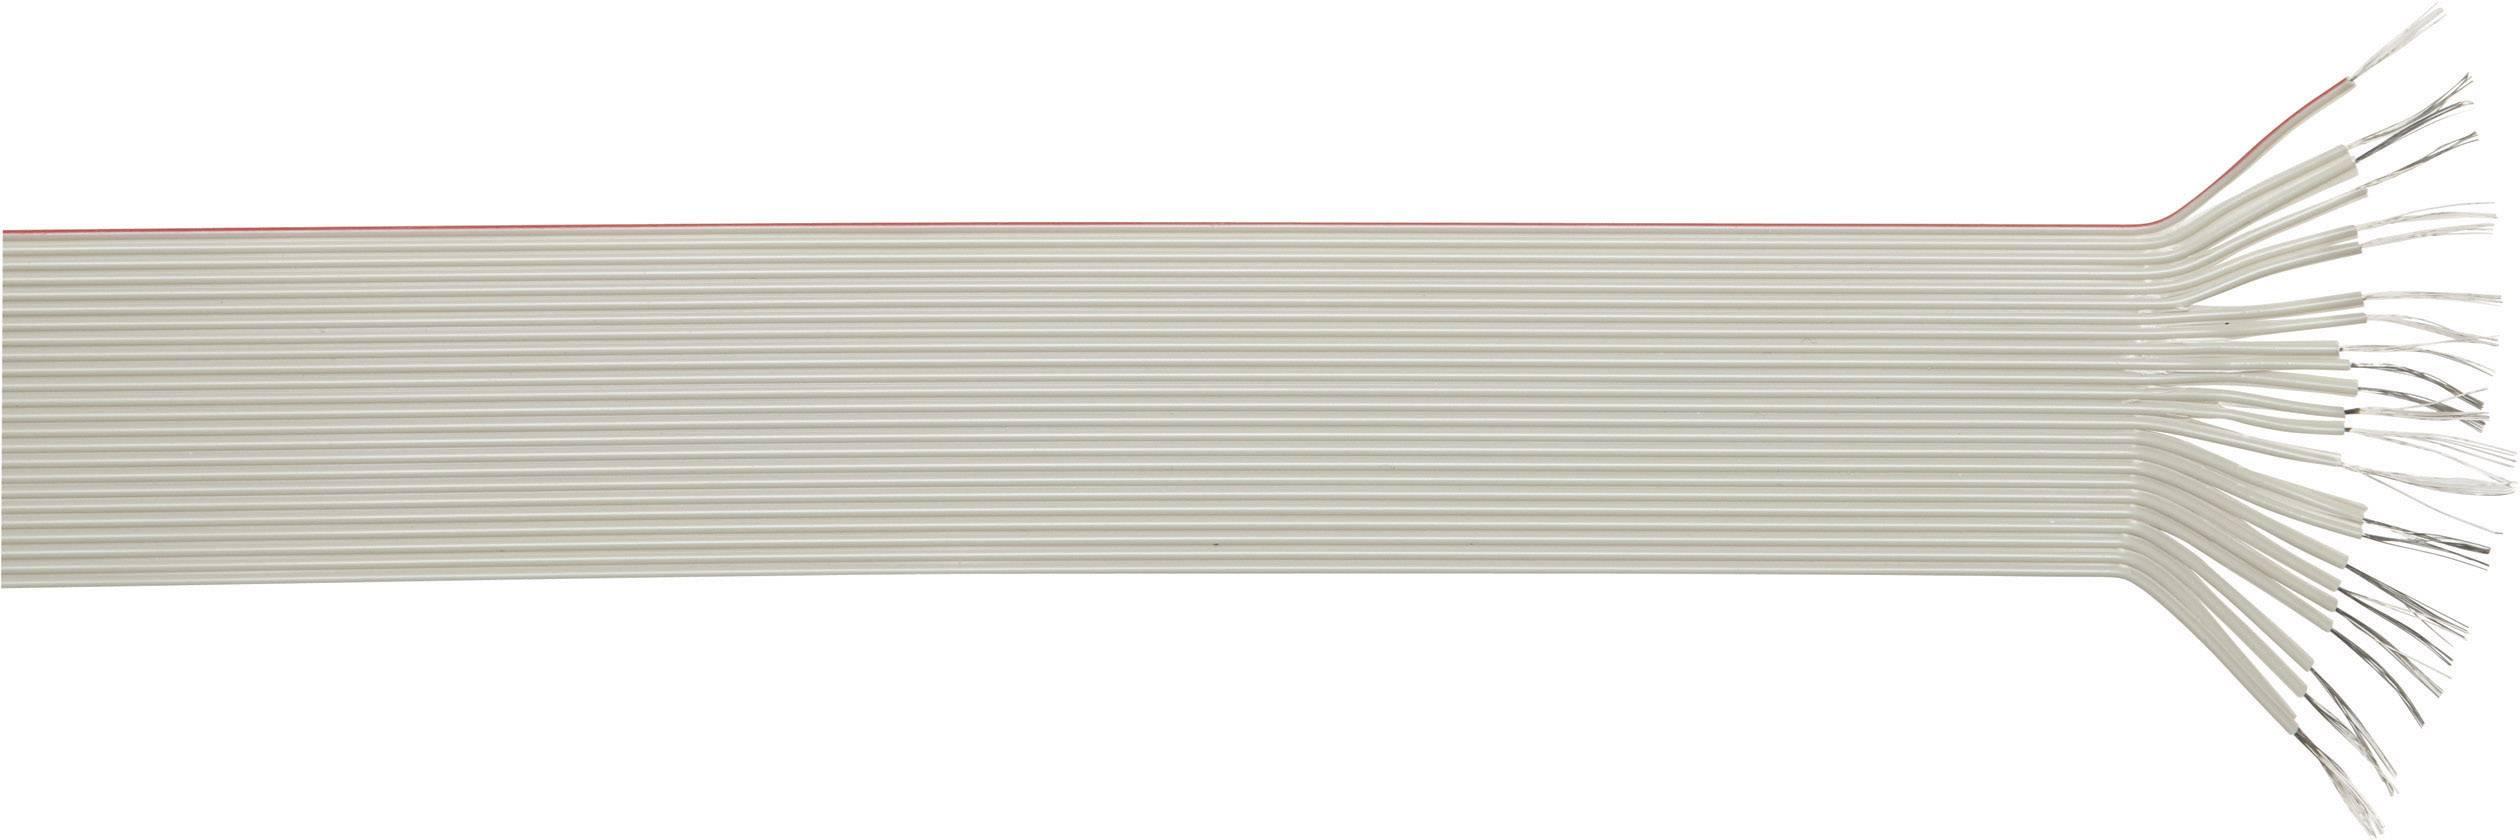 Plochý kabel LappKabel 49900056, nestíněný, 1 m, šedá